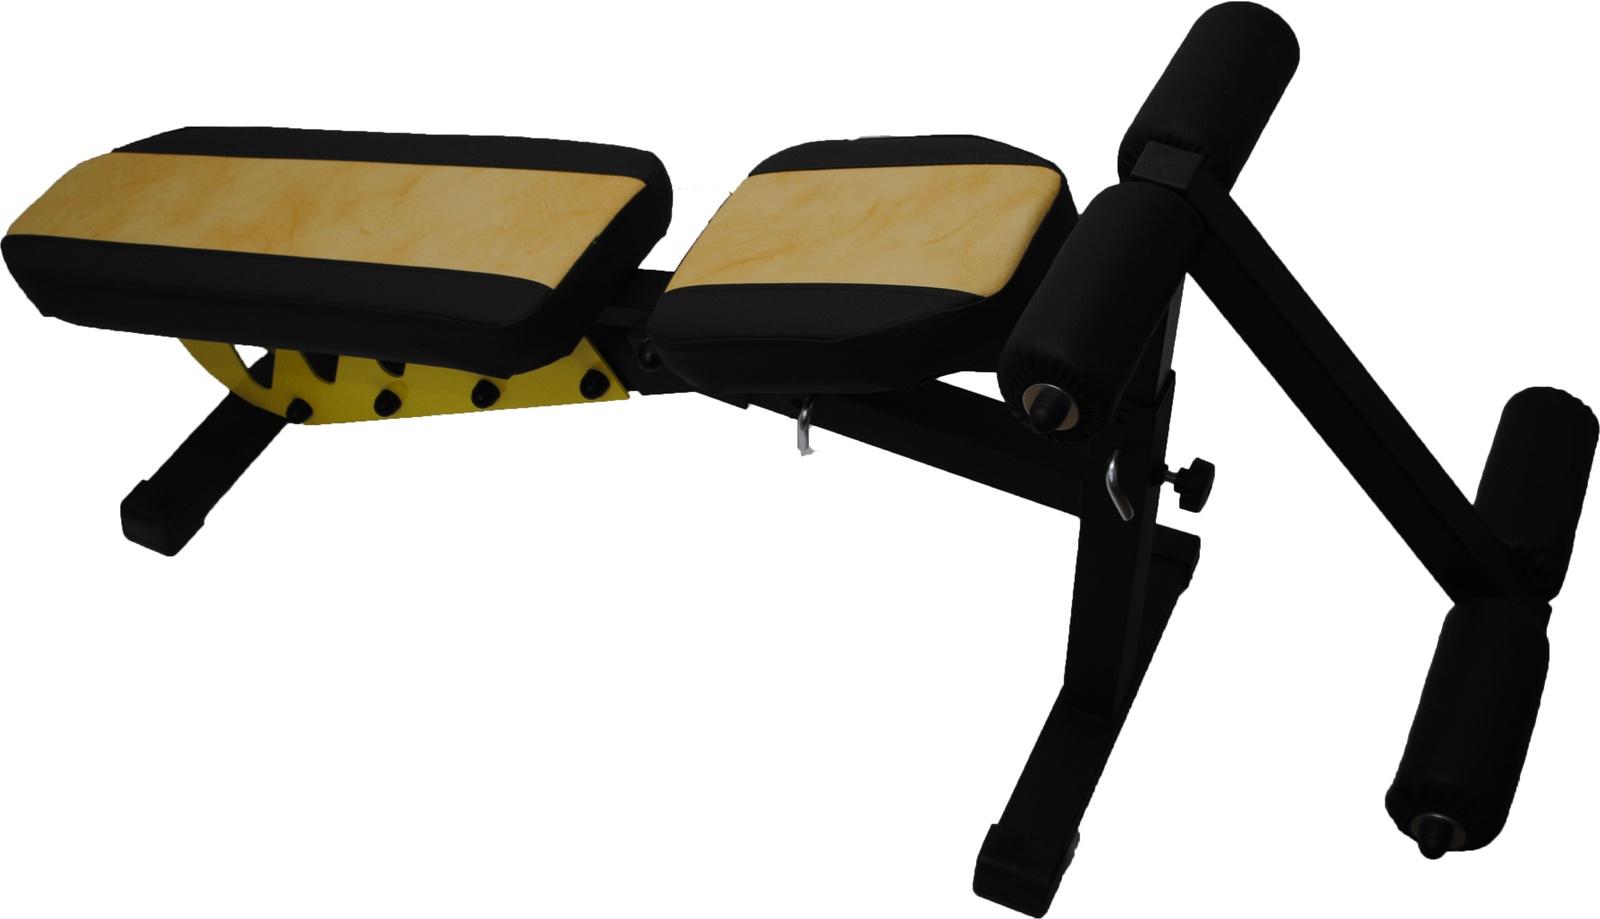 Универсальная атлетическая скамья Orion Sportlim ЧЖ и Упор для пресса цена